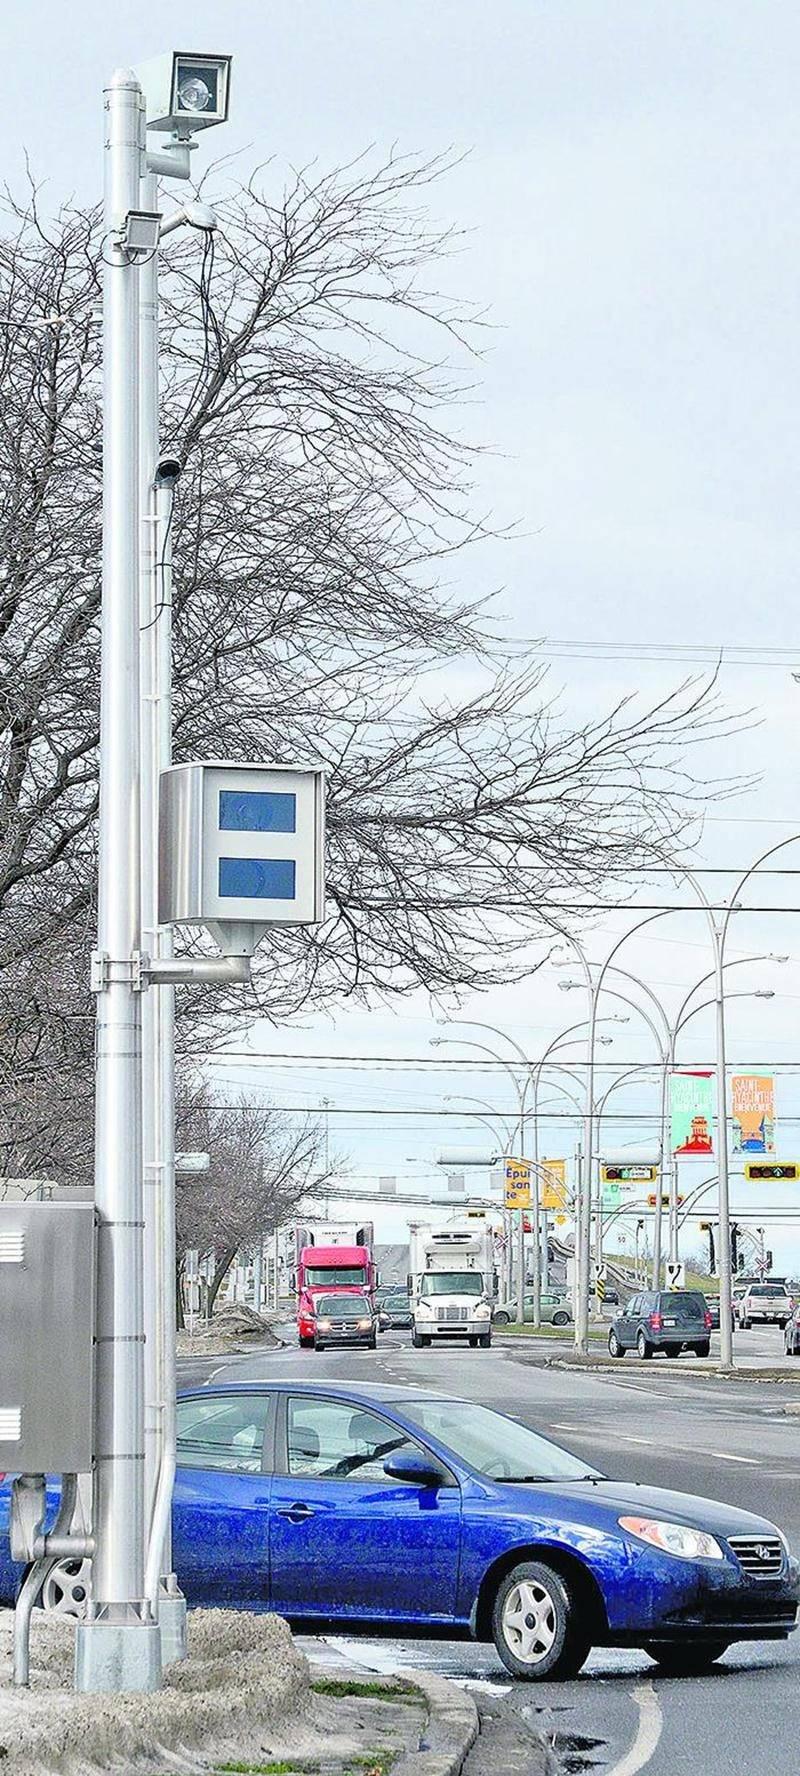 Le radar photo de l'intersection Casavant / Laframboise a été installé dernièrement, mais n'est pas encore en fonction. Photo François Larivière   Le Courrier ©